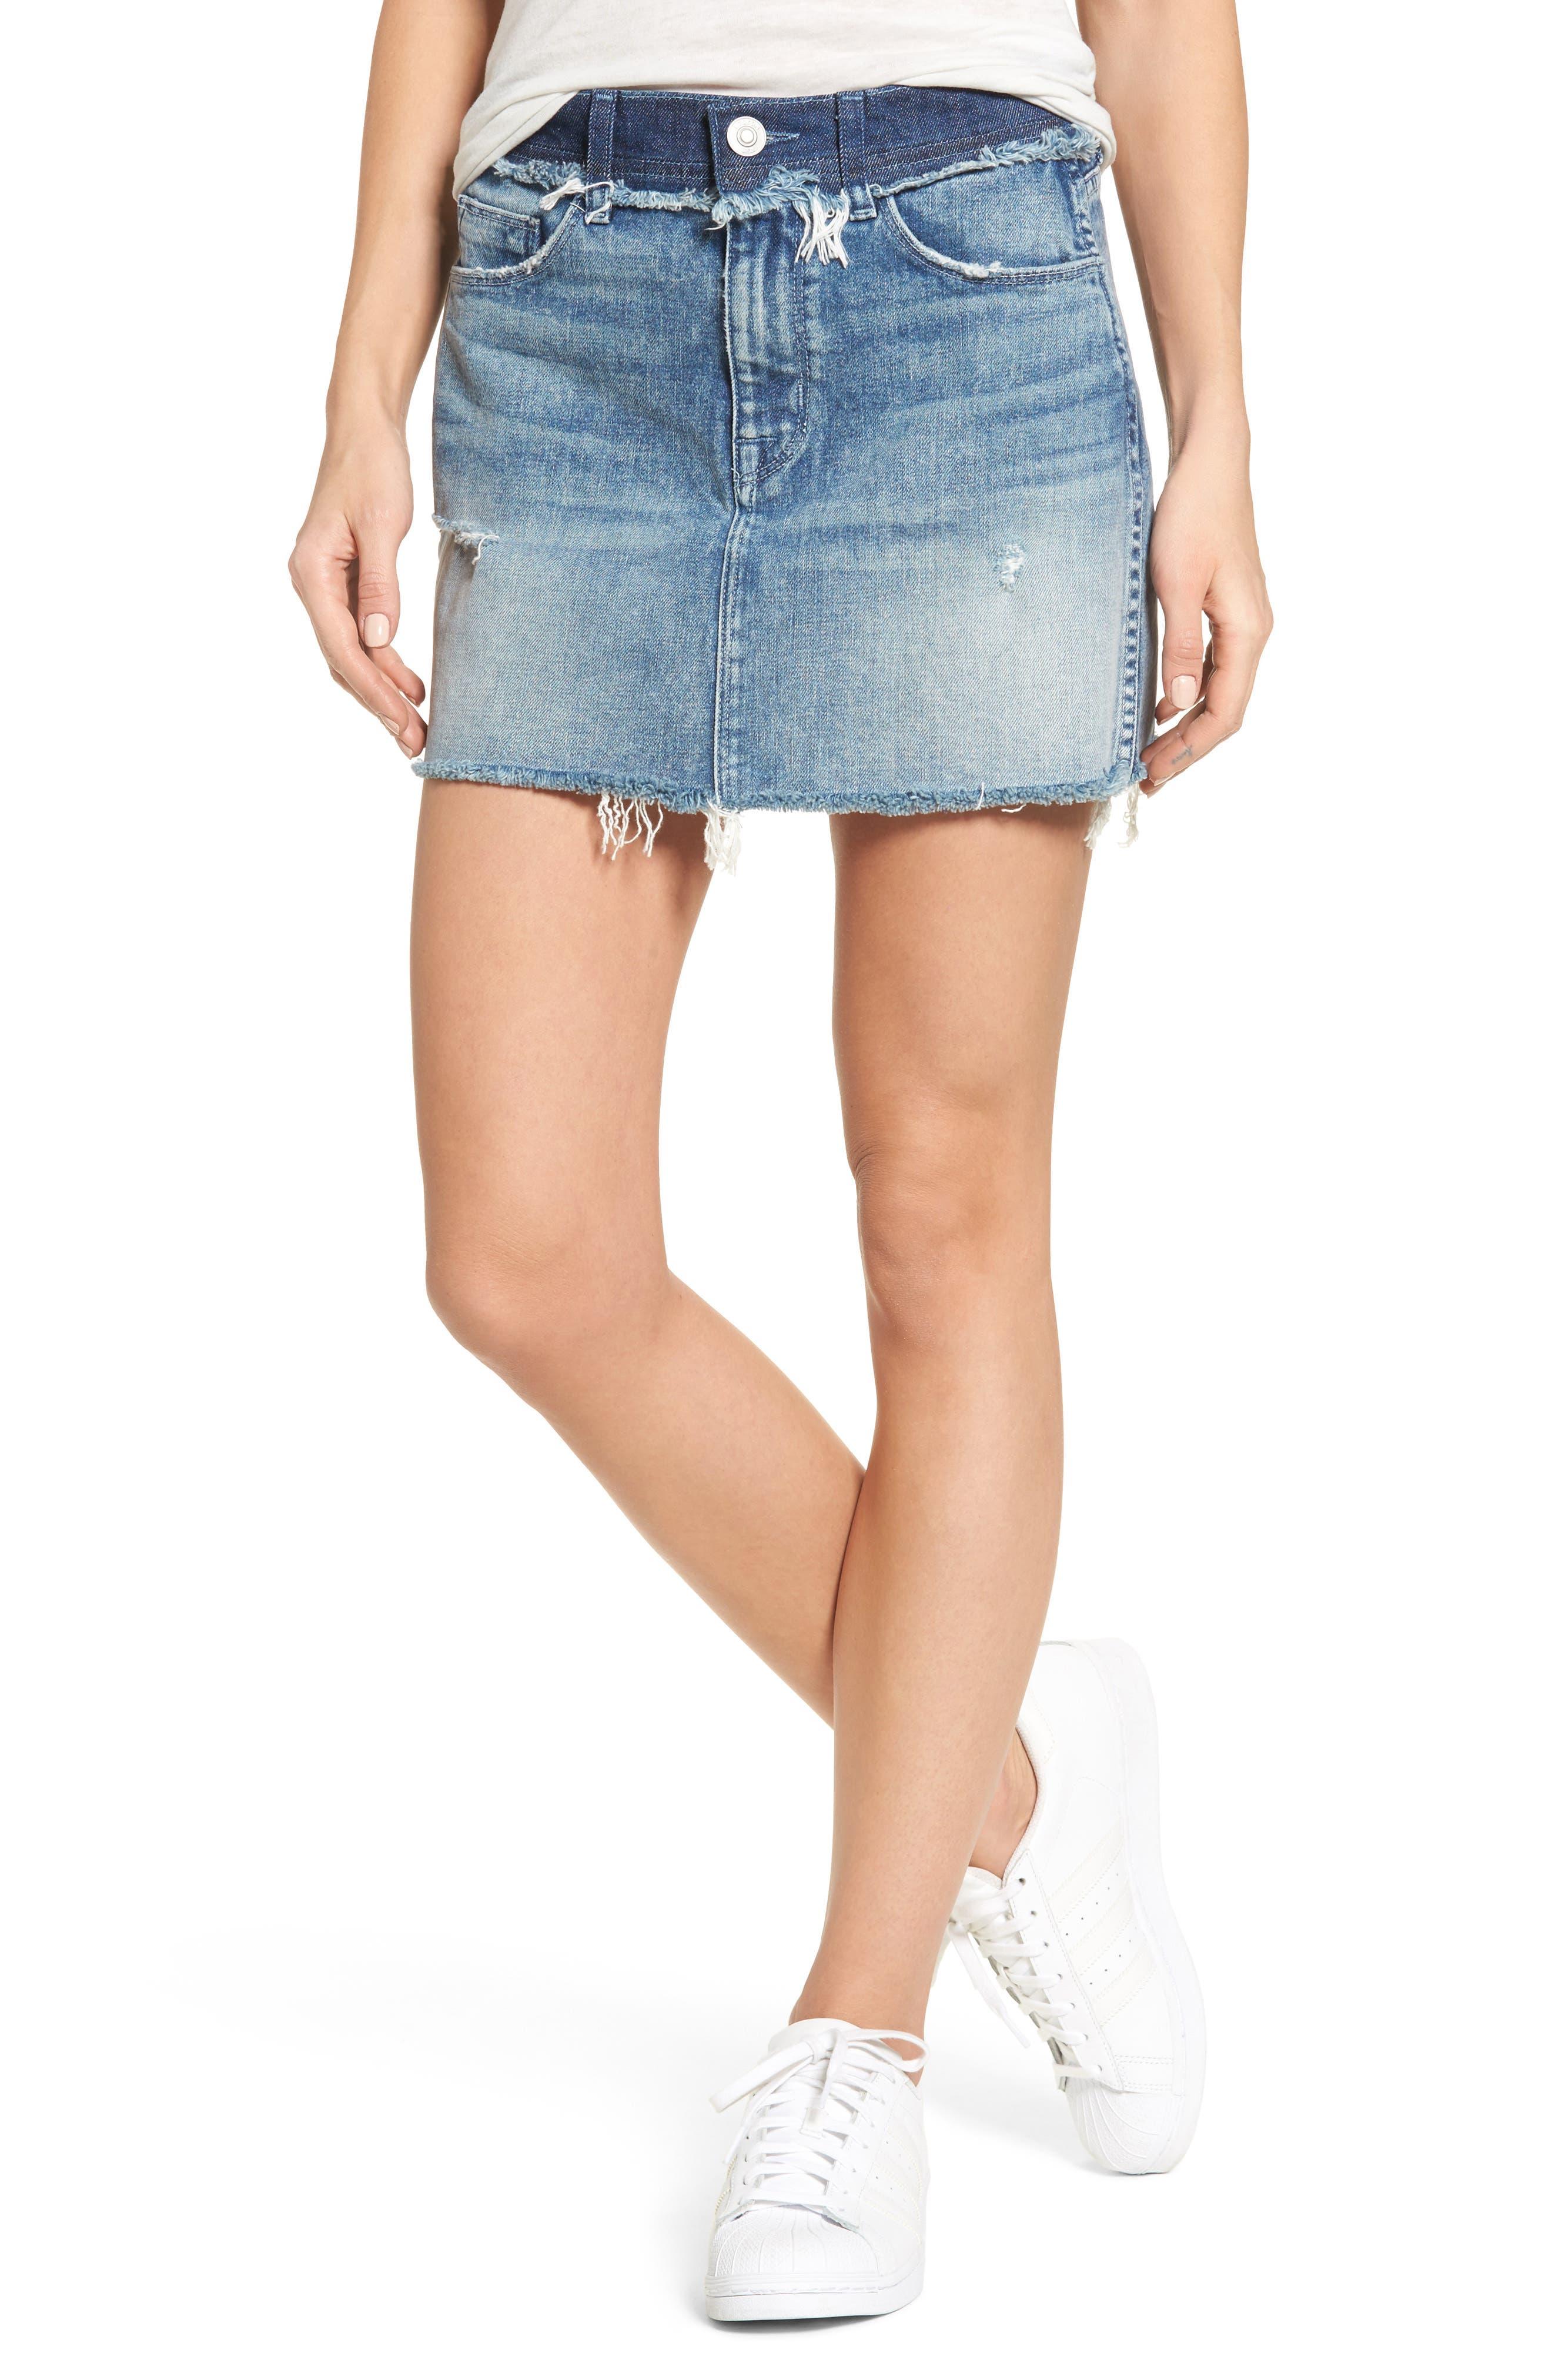 Vivid Cutoff Denim Miniskirt by Hudson Jeans